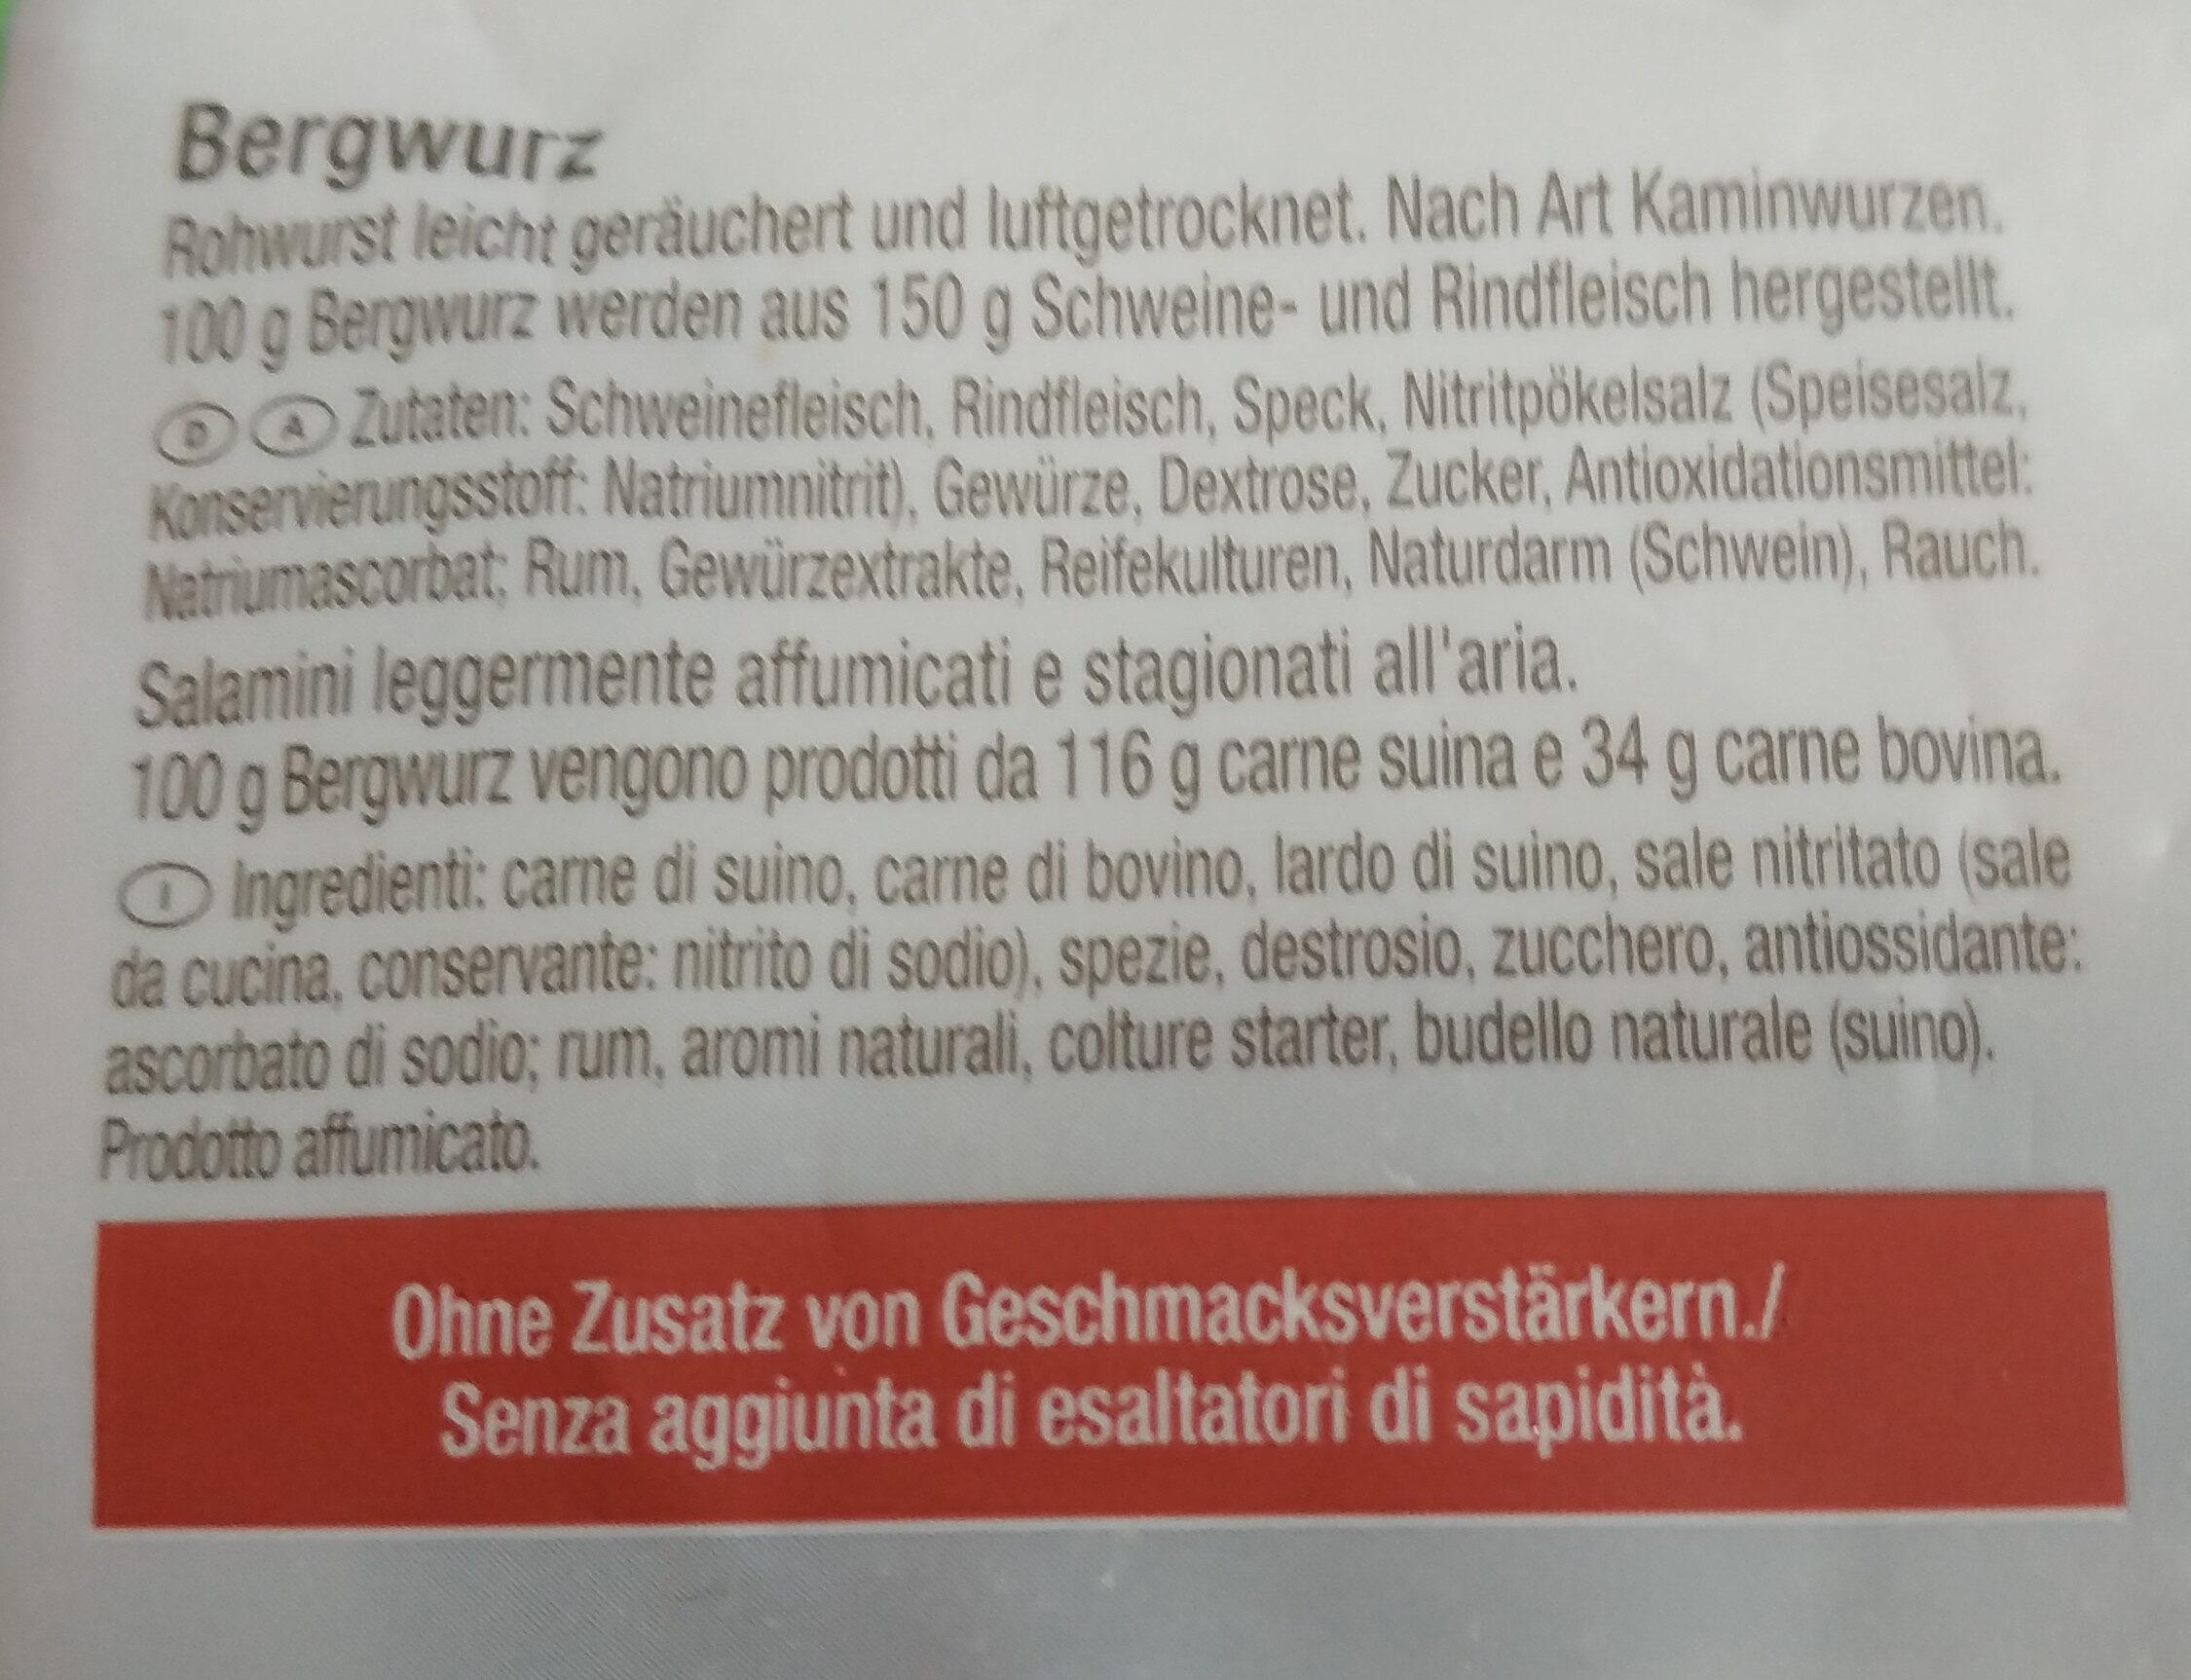 Tiroler Bergwurtz - Ingredients - de